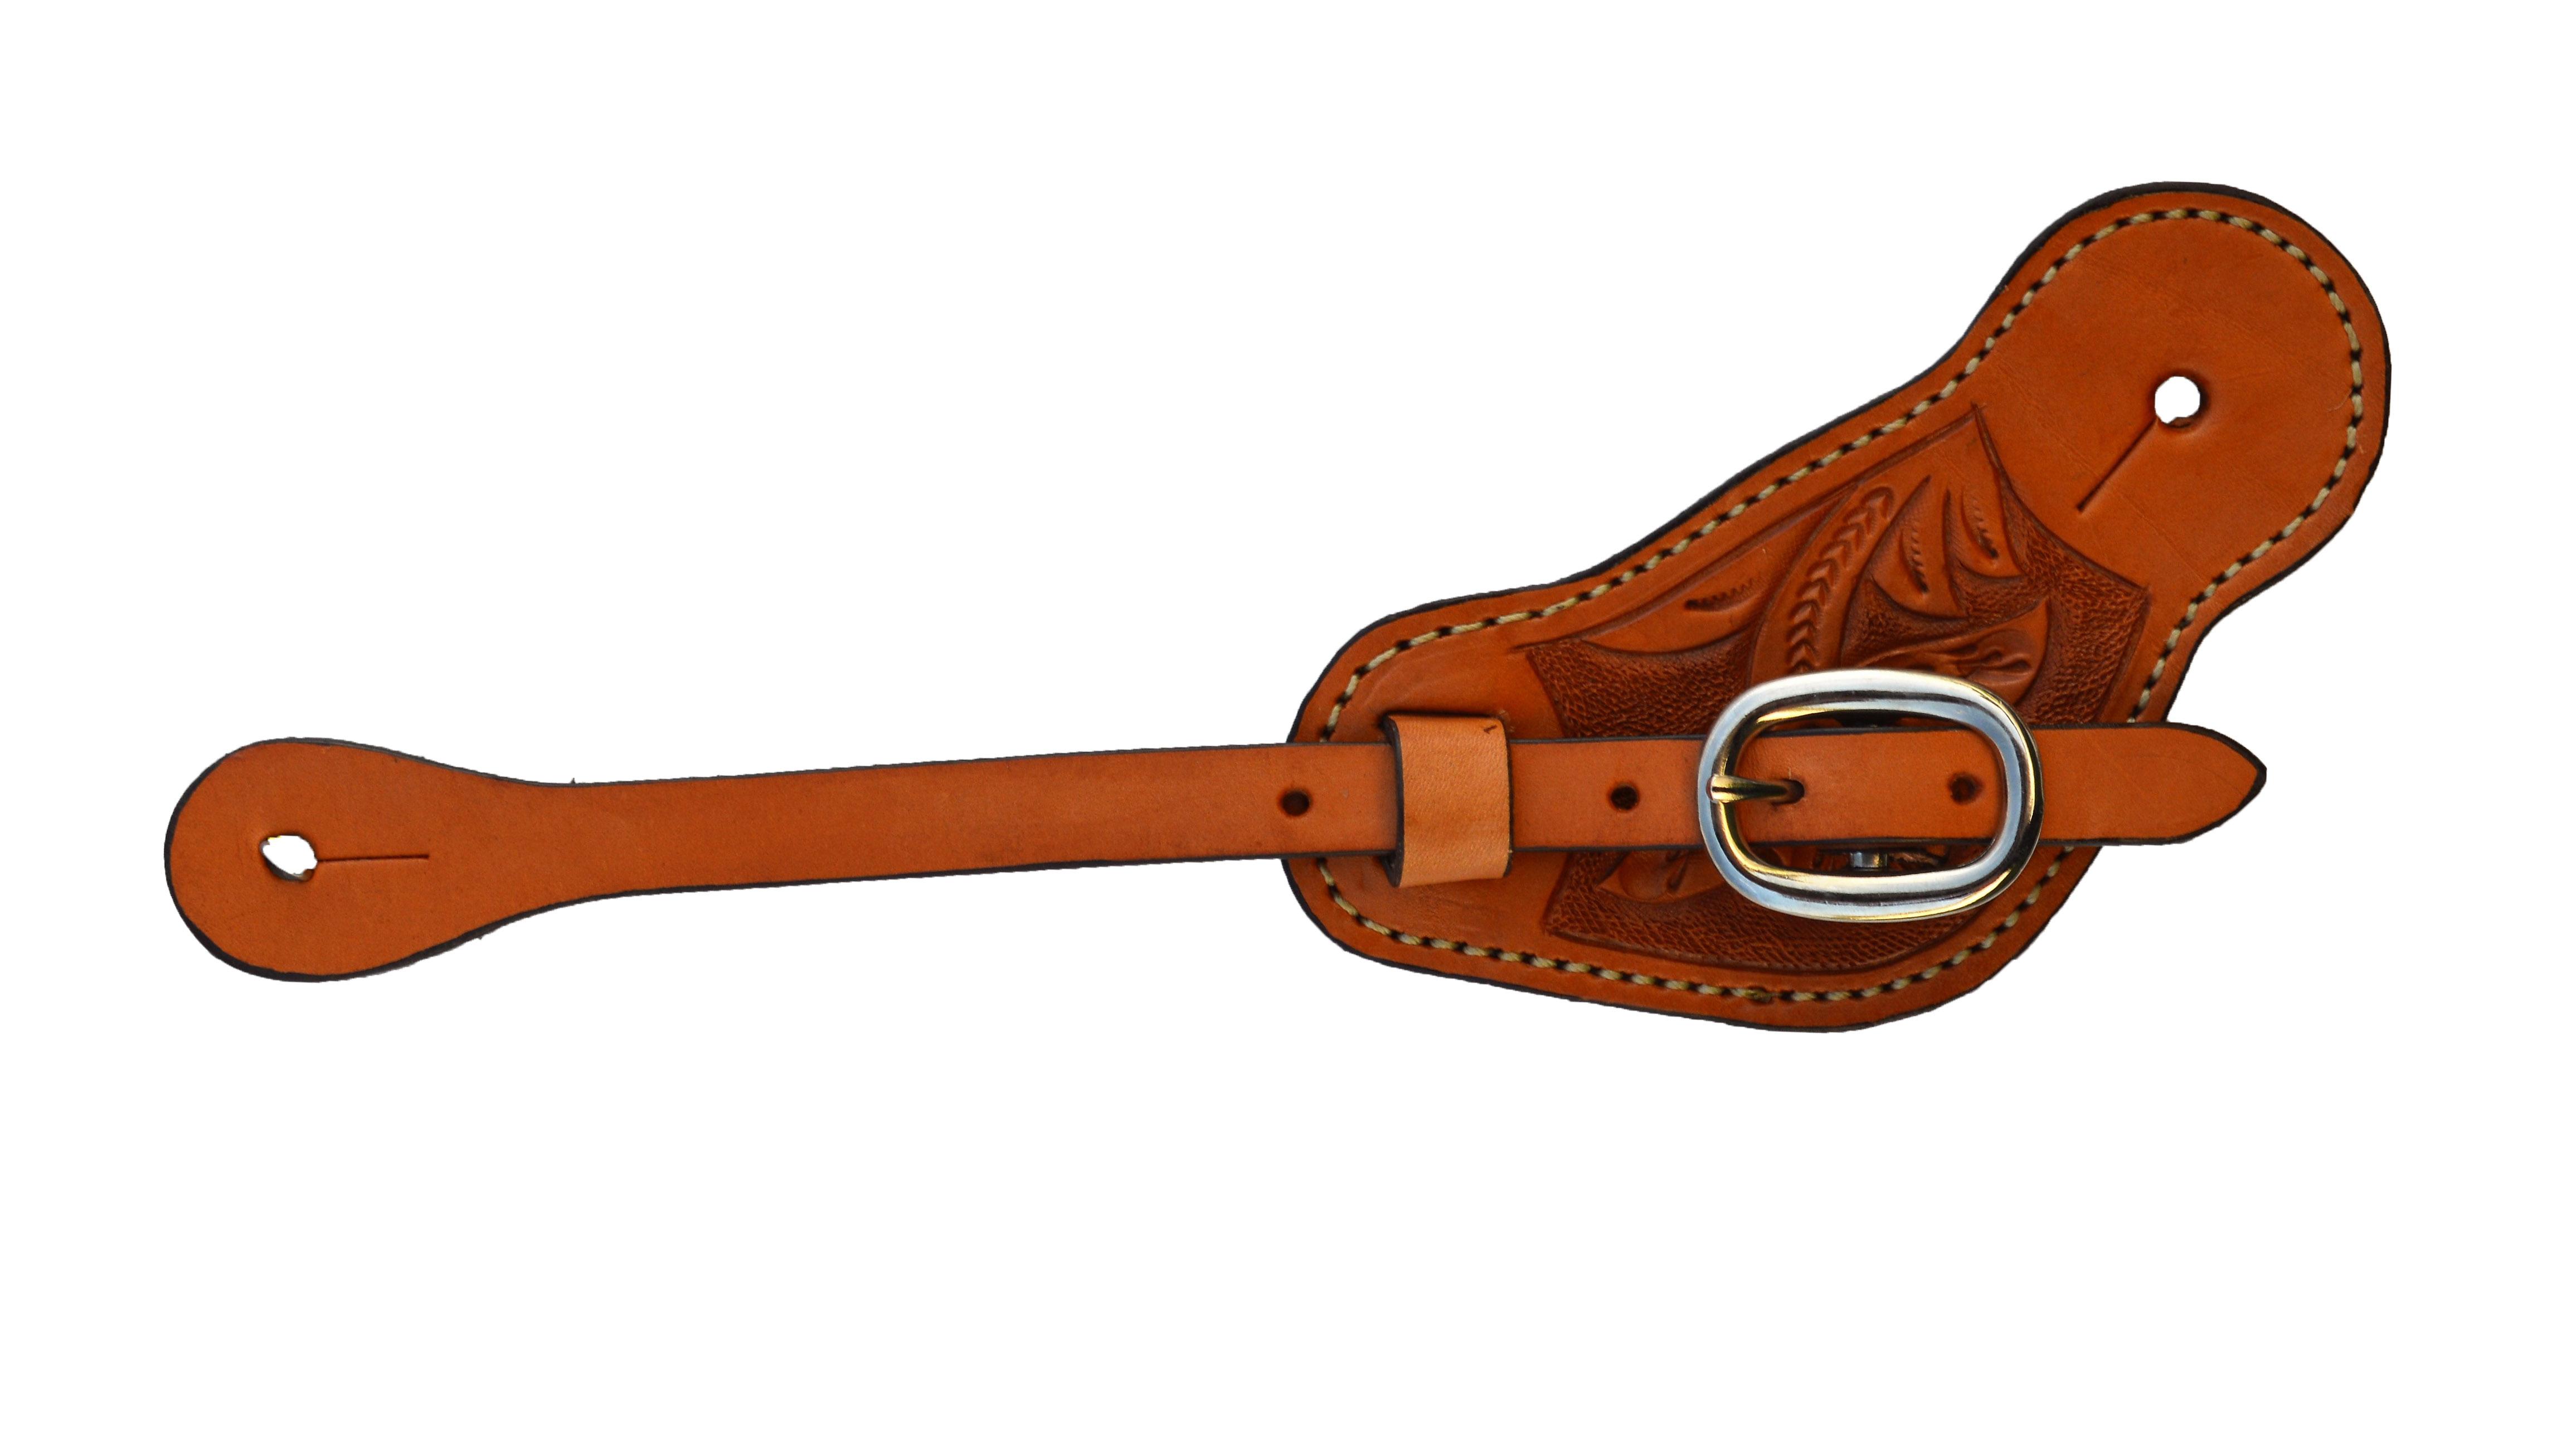 384-F Men's cowboy spur strap golden leather floral tooled